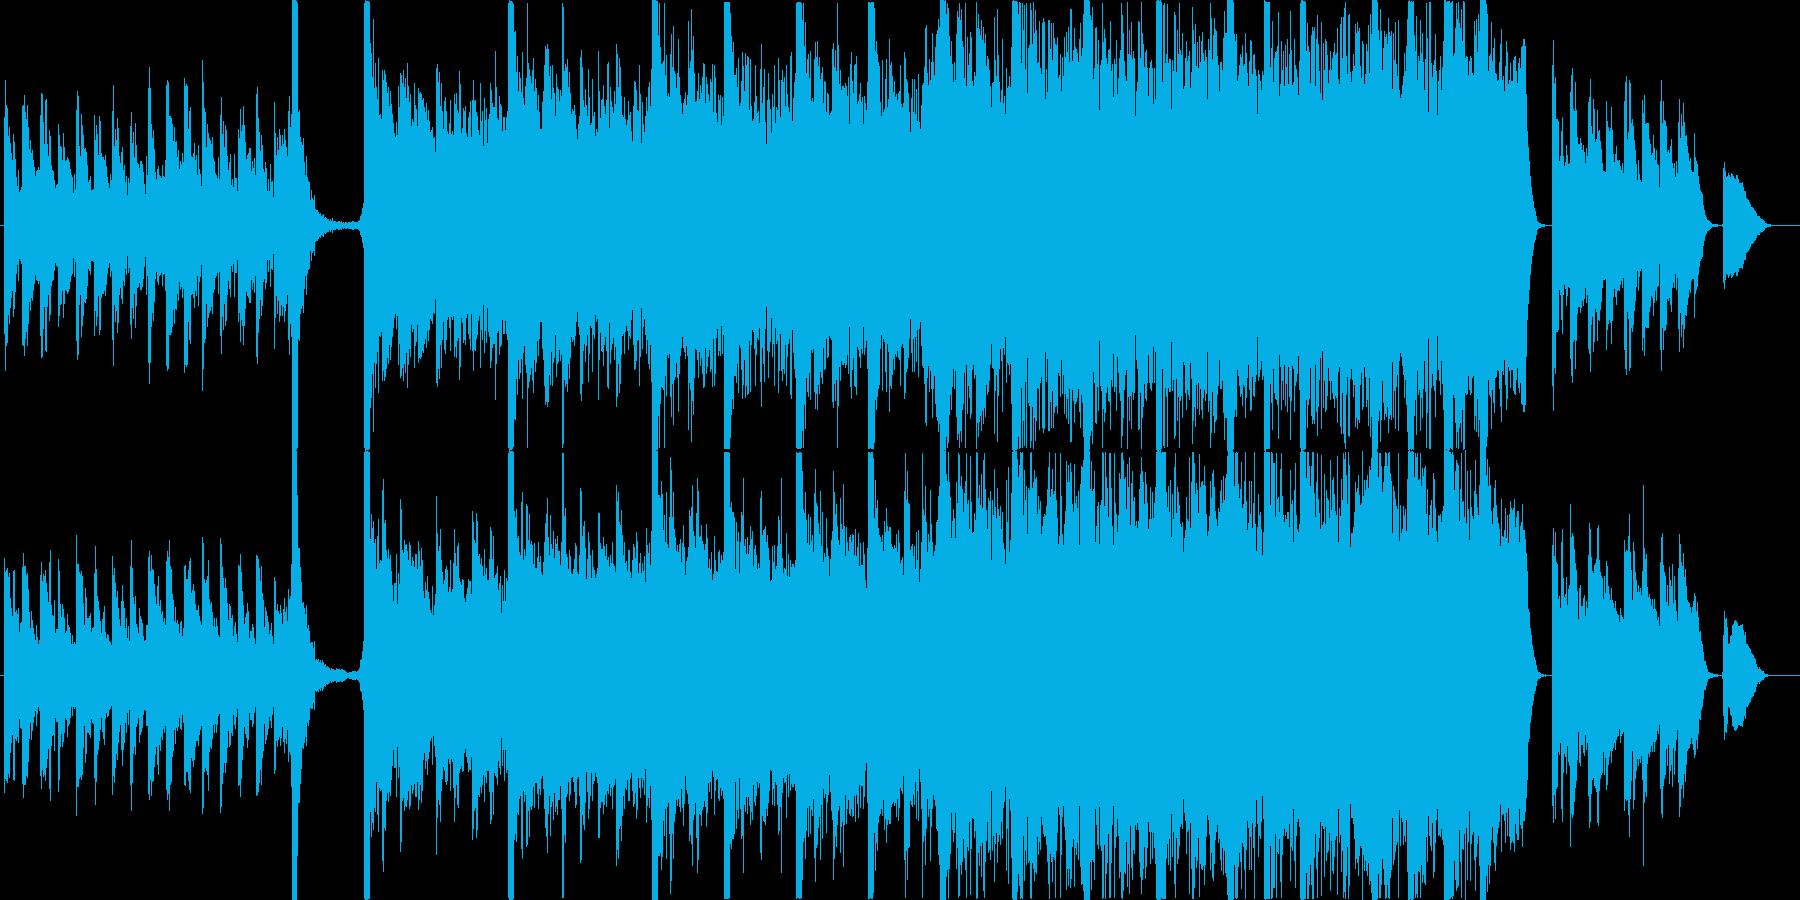 のびやか,感動,加速,勝利,オーケストラの再生済みの波形